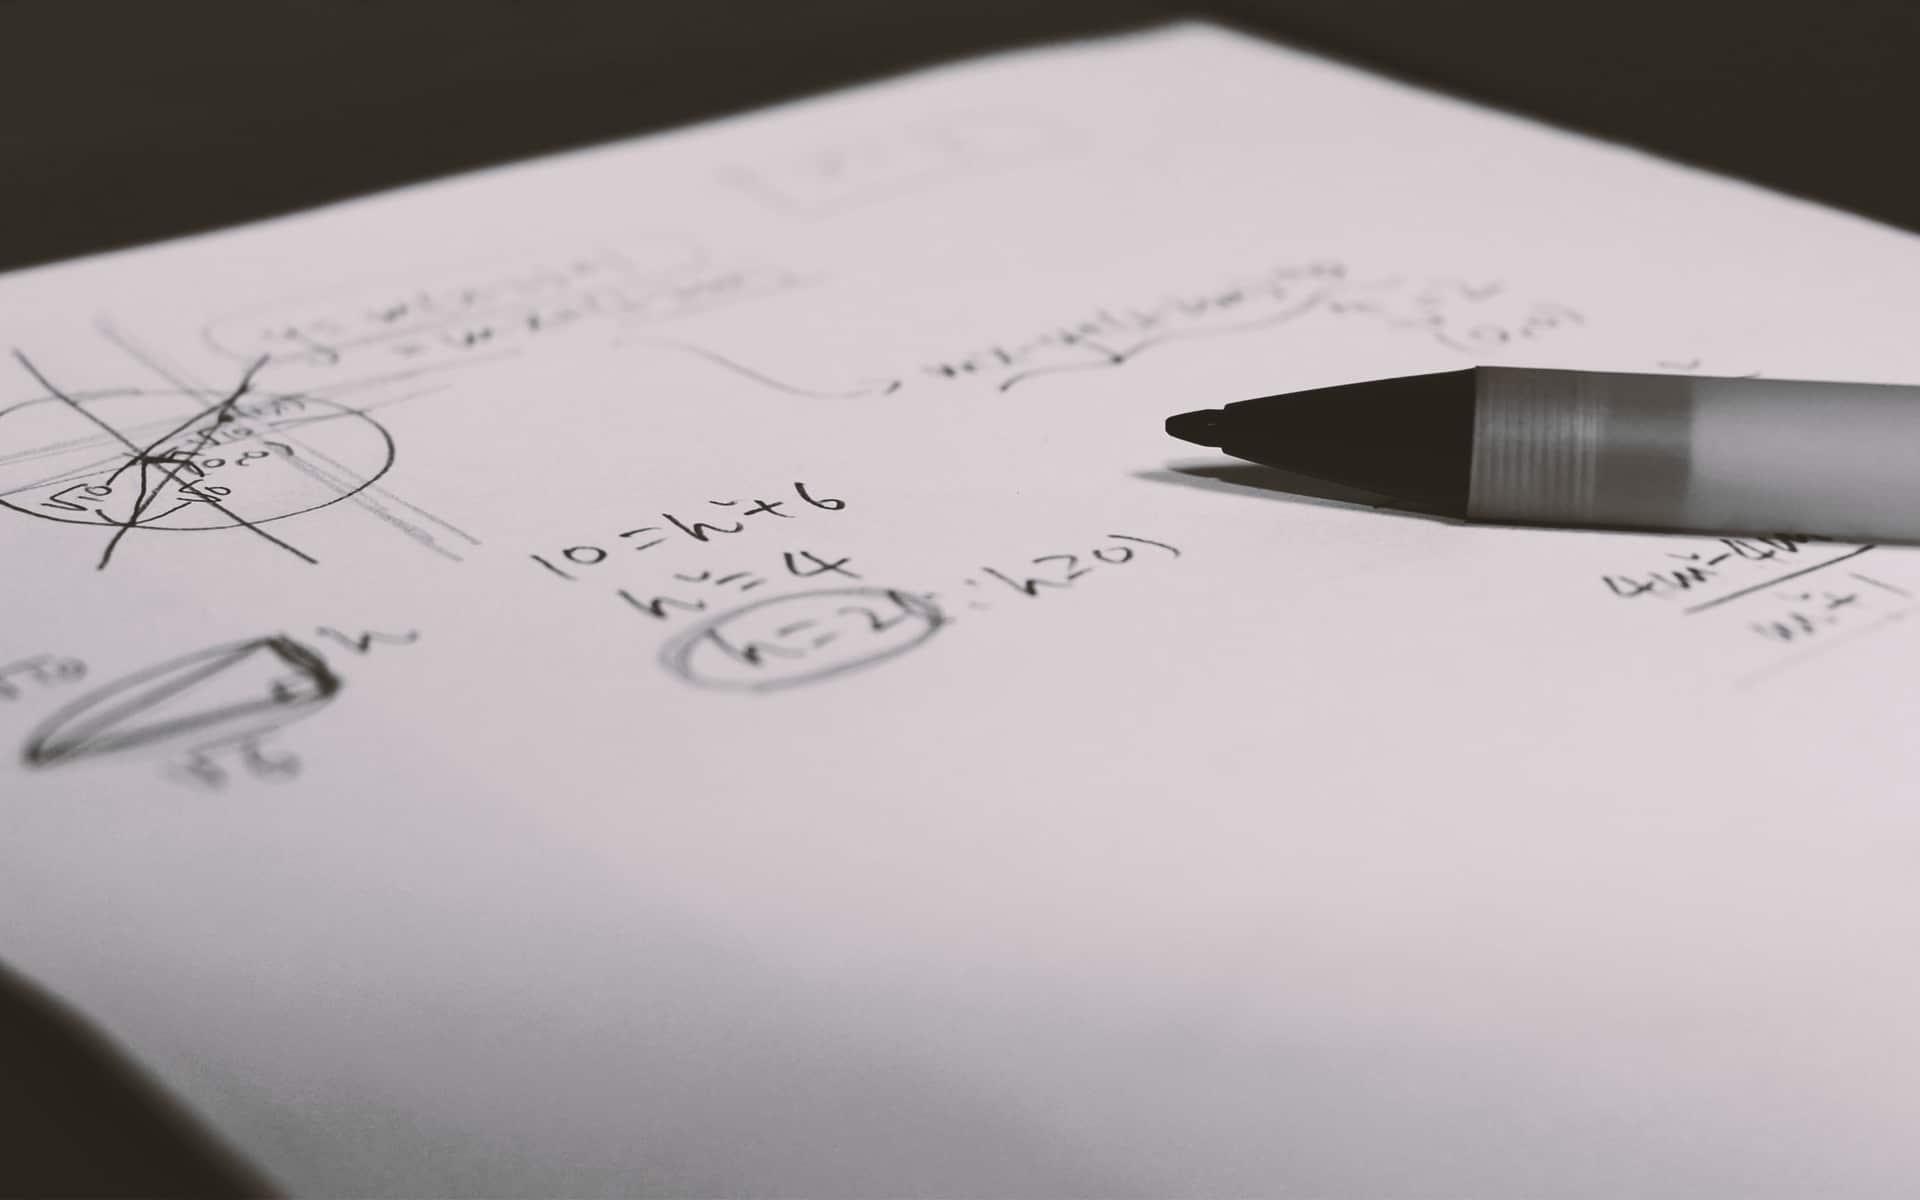 [MA2] Lineare Gleichungen, Funktionen und Gleichungssysteme